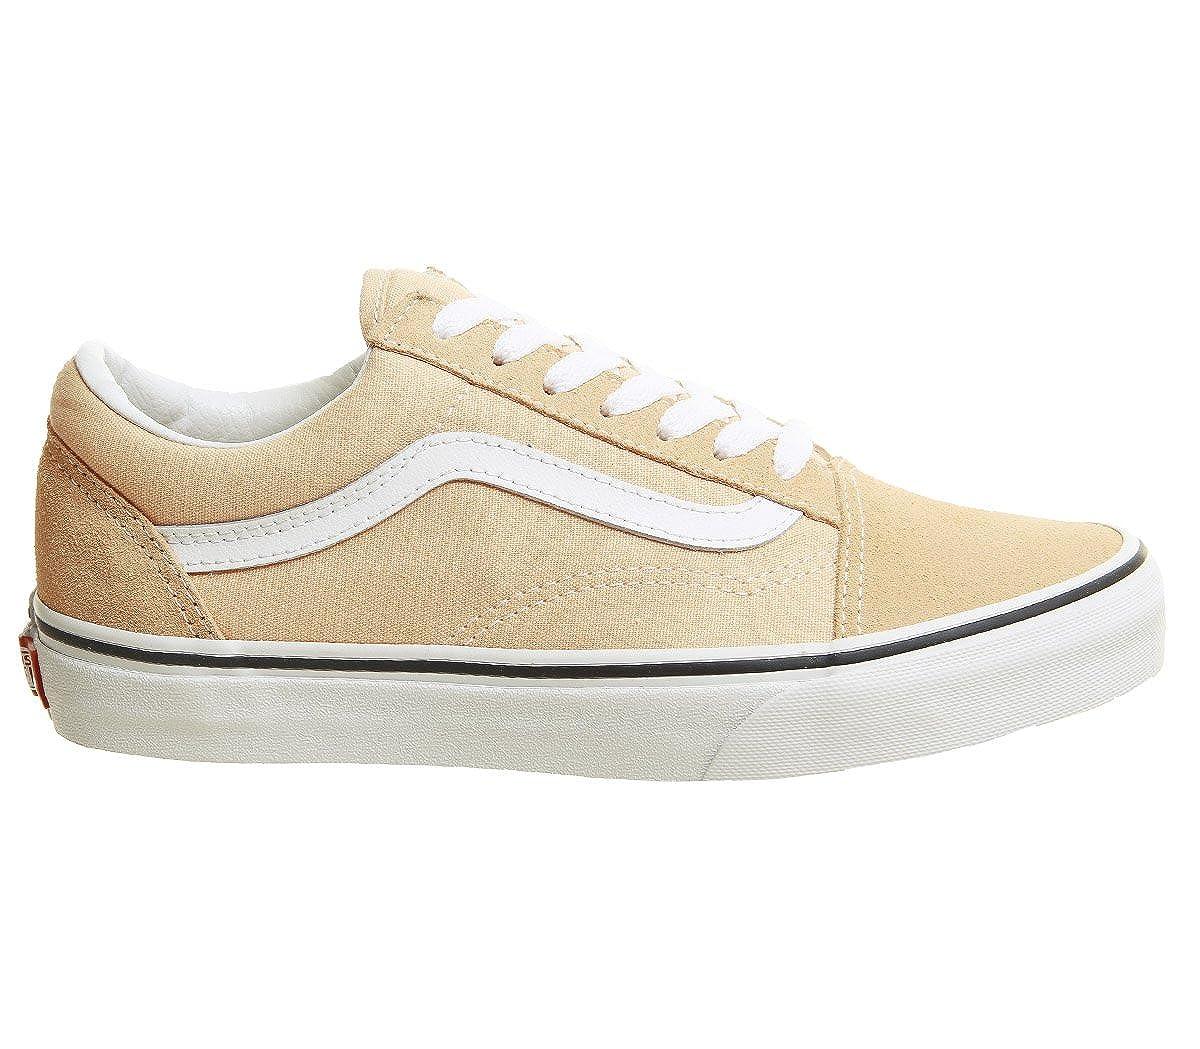 Vans Herren Sneaker Old Skool Sneakers: : Schuhe